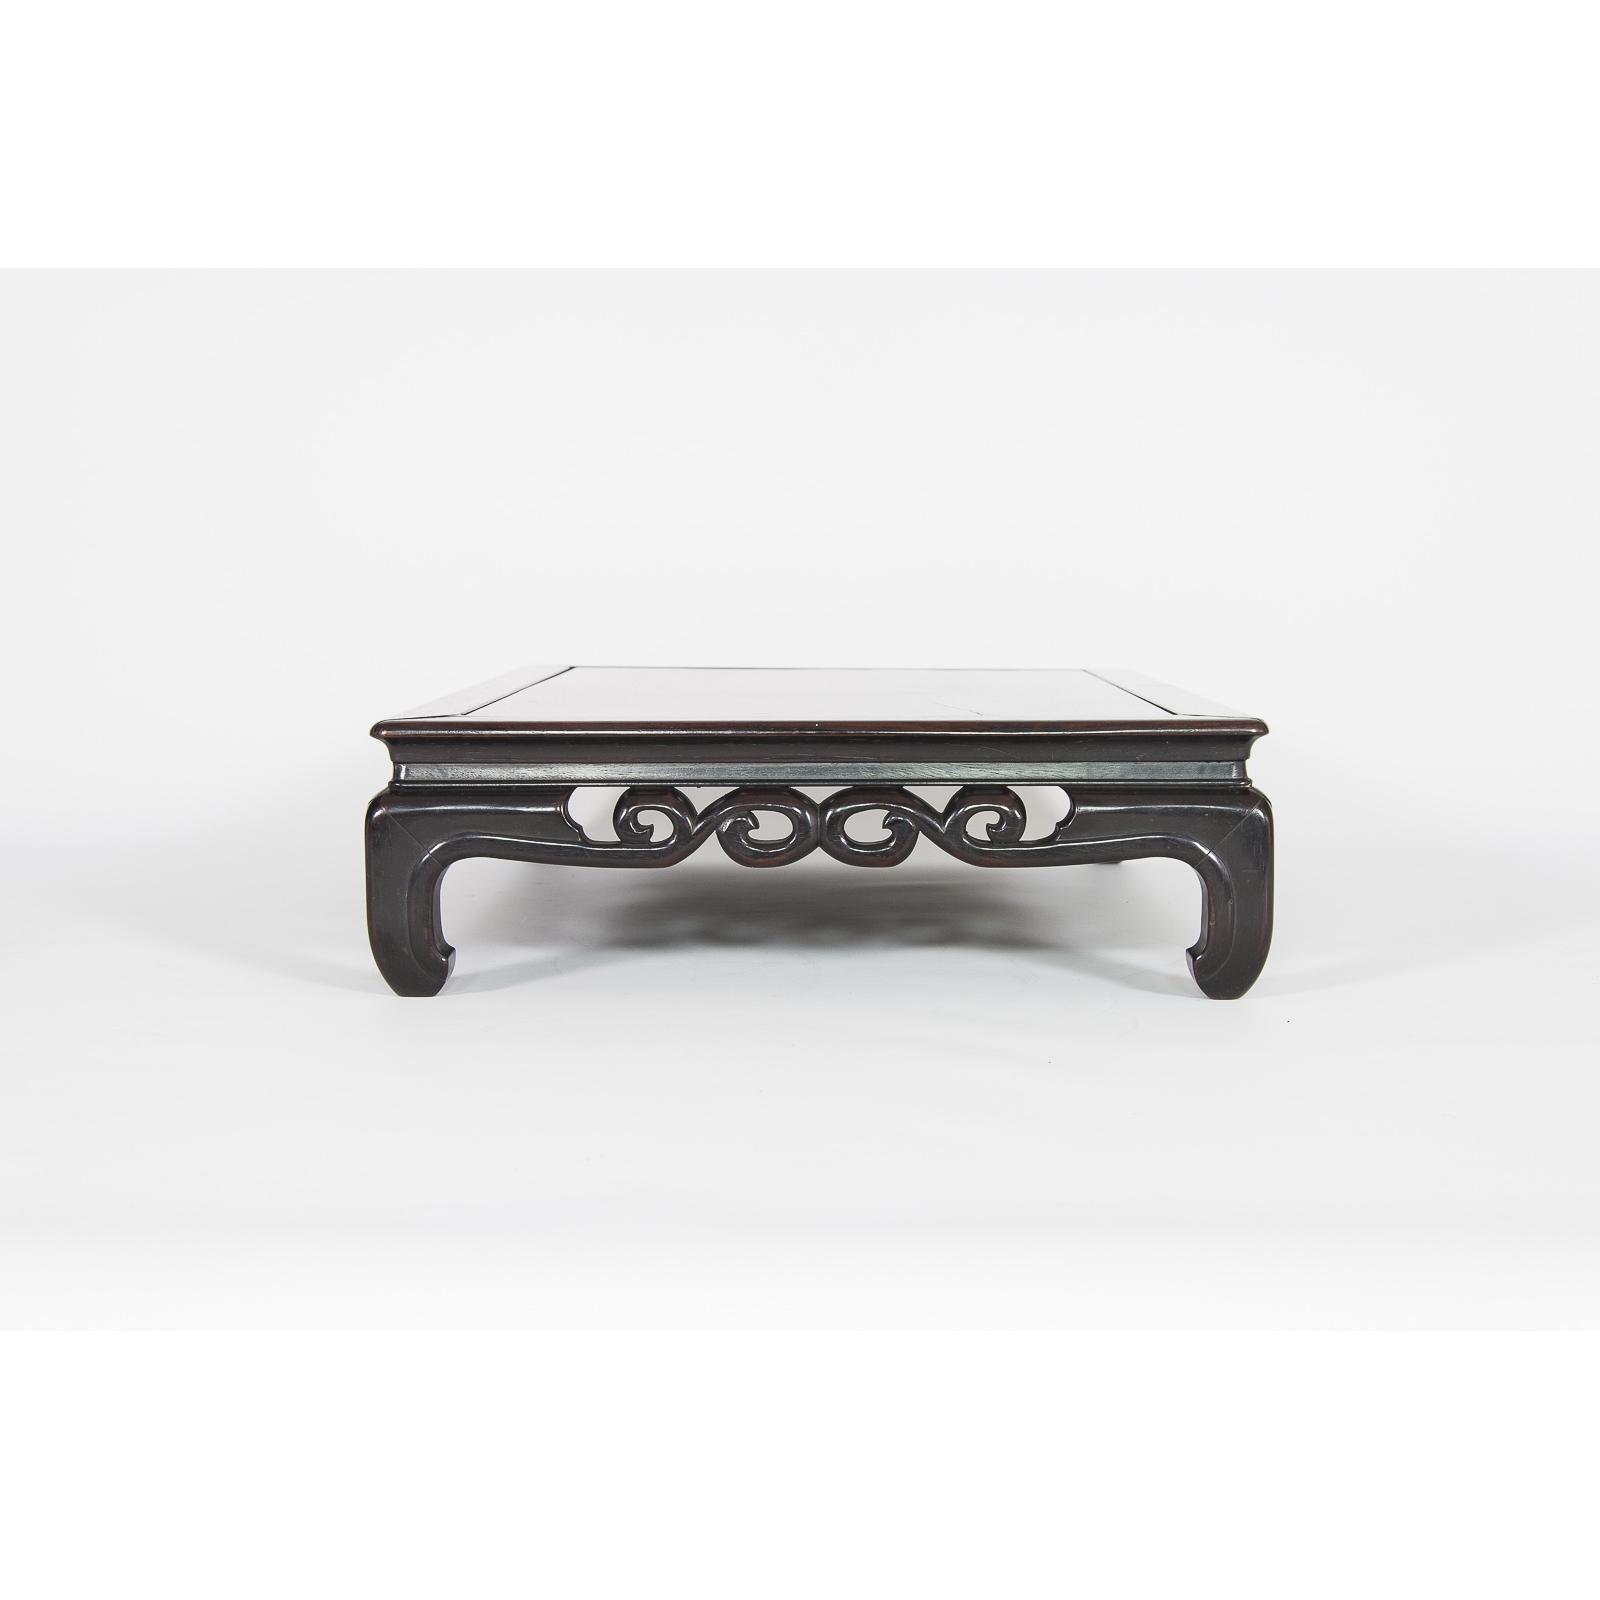 Table used MU-026